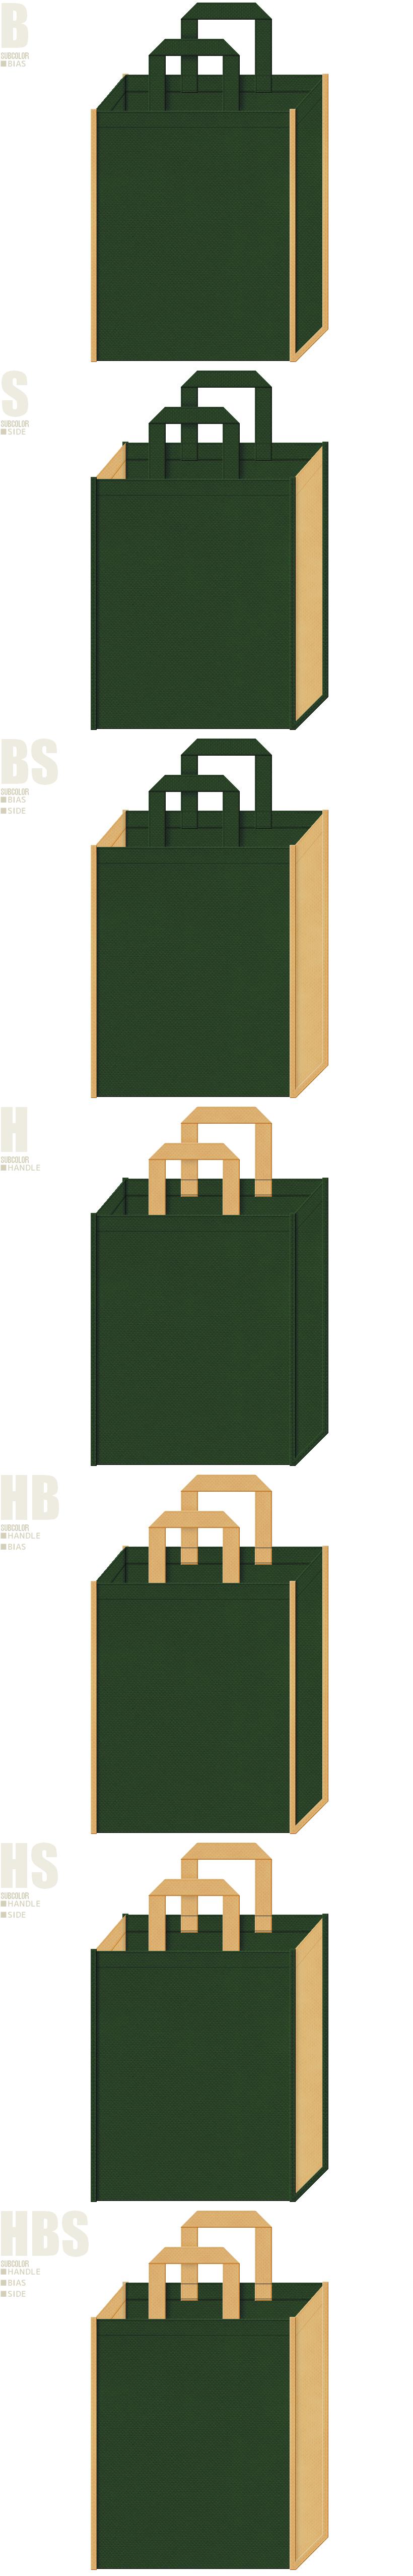 テント・タープ・チェア・アウトドア・キャンプ用品の展示会用バッグにお奨めの不織布バッグデザイン:濃緑色と薄黄土色の不織布バッグ配色7パターン。